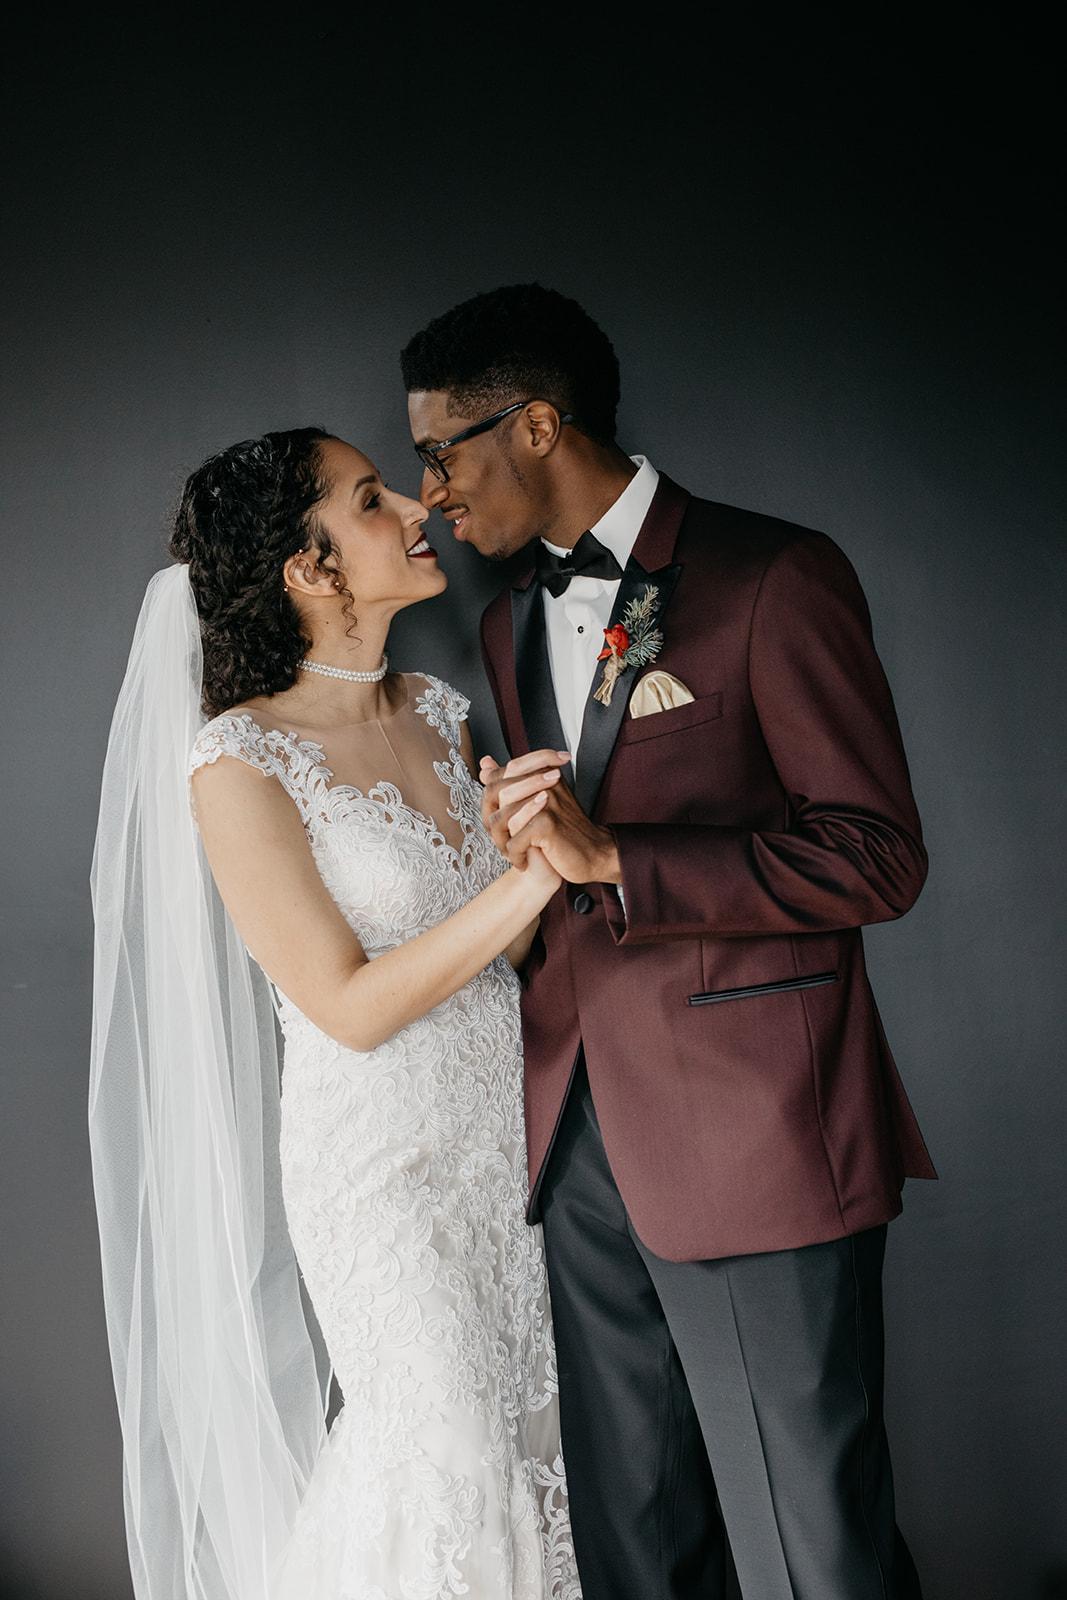 DOOR OF HOPE WEDDING | PORTLAND PHOTOGRAPHER -